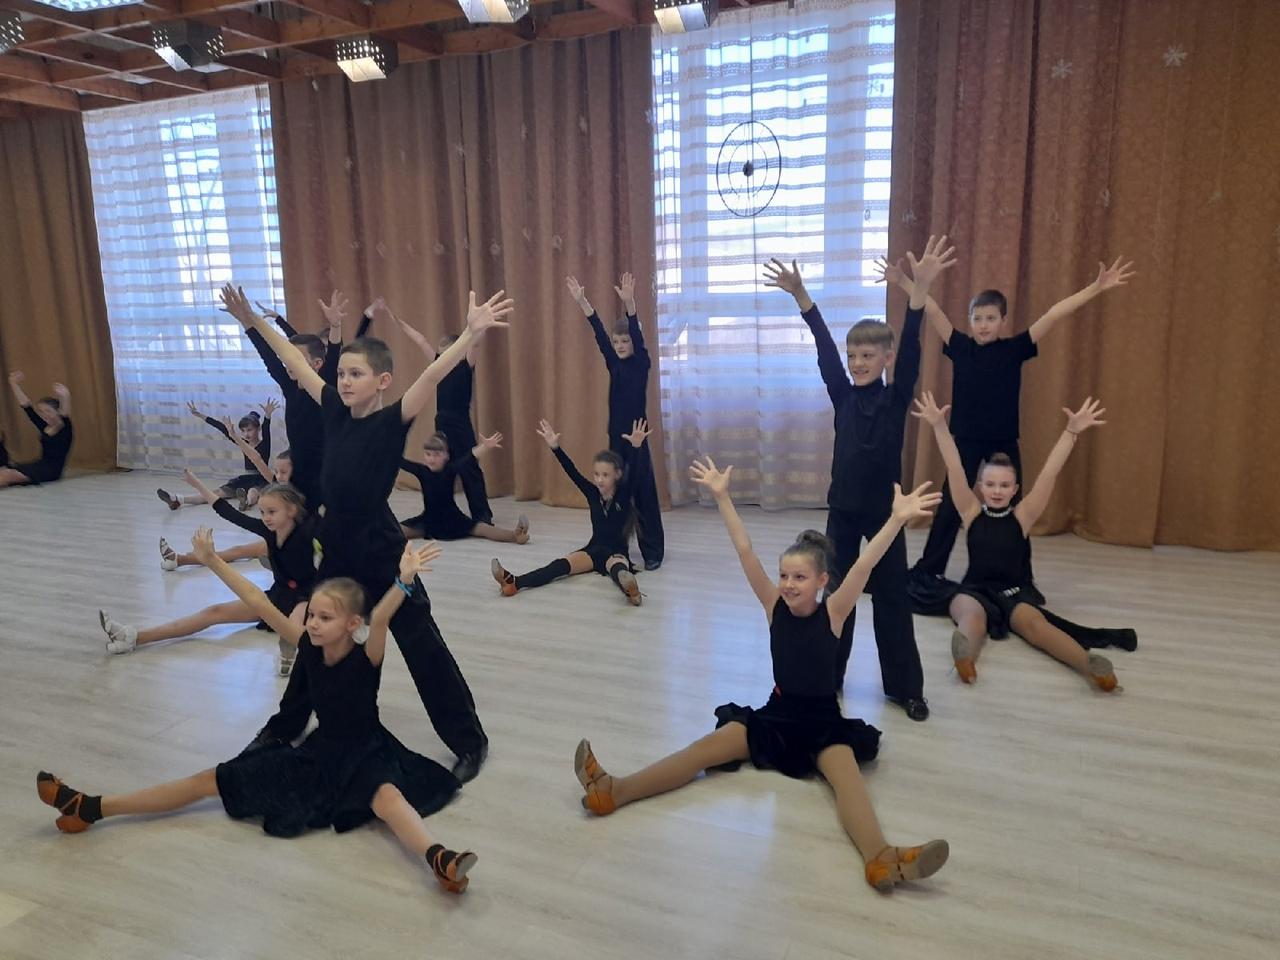 После двухлетнего перерыва к нам возвращается конкурс ансамблей бальных танцев. Шоу обещает быть фееричным и ярким